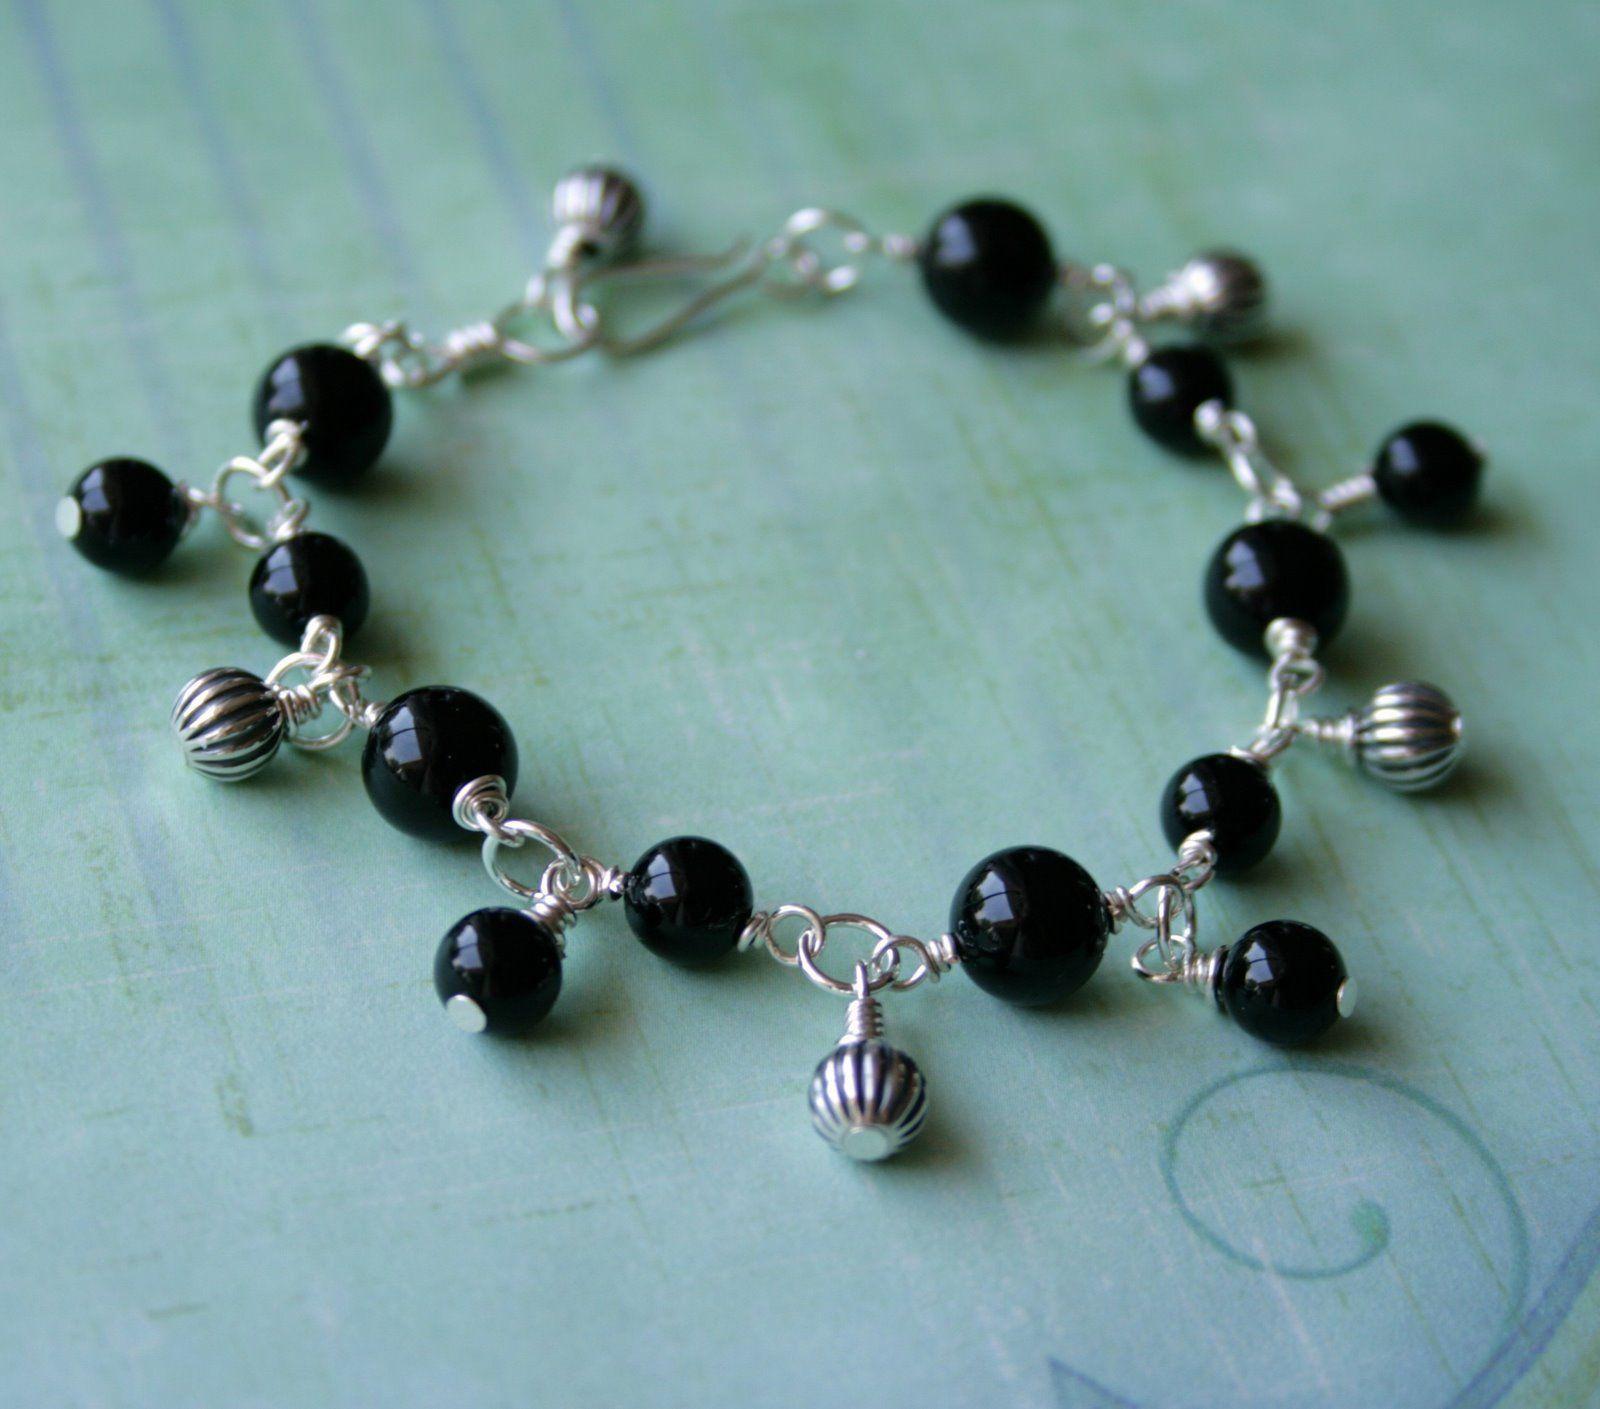 Project 4: Beaded Charm Bracelet | Wire Jewelry Tutorials ...